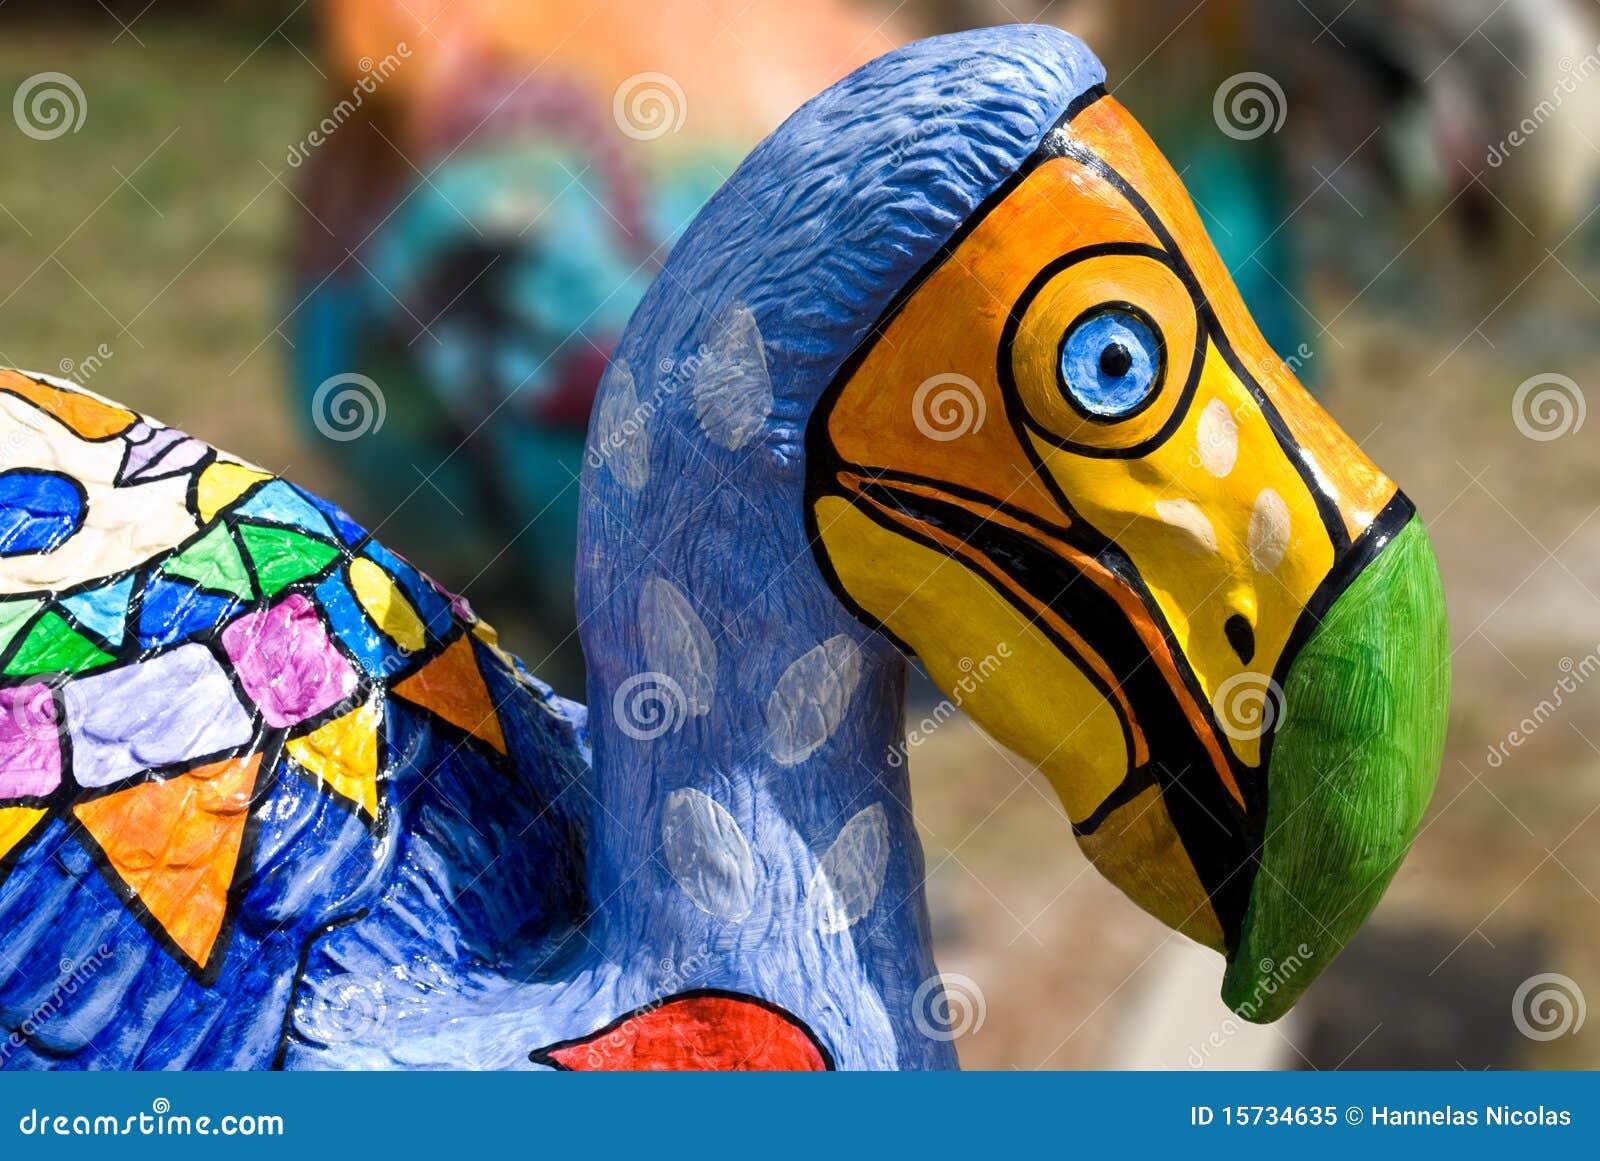 Dodo by Vaco Closeup